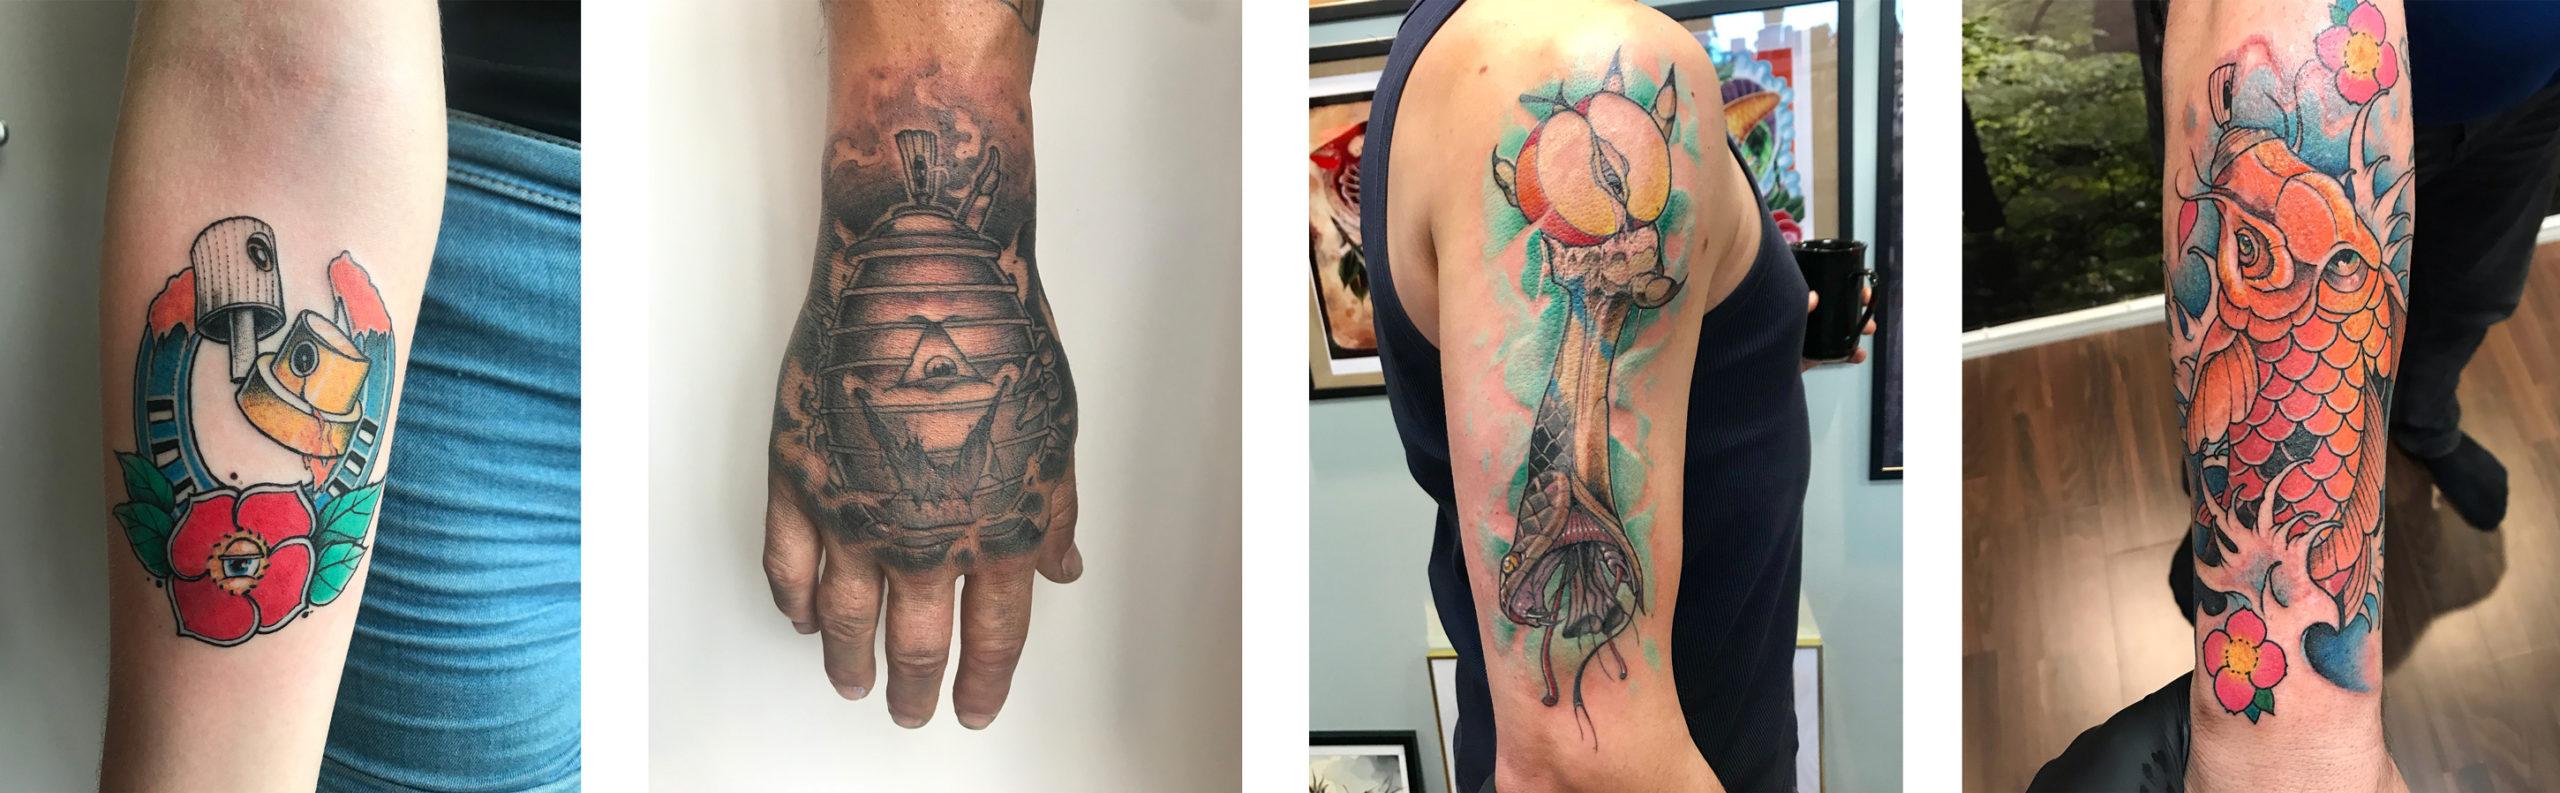 Alcuni tatuaggi realizzati da Coze